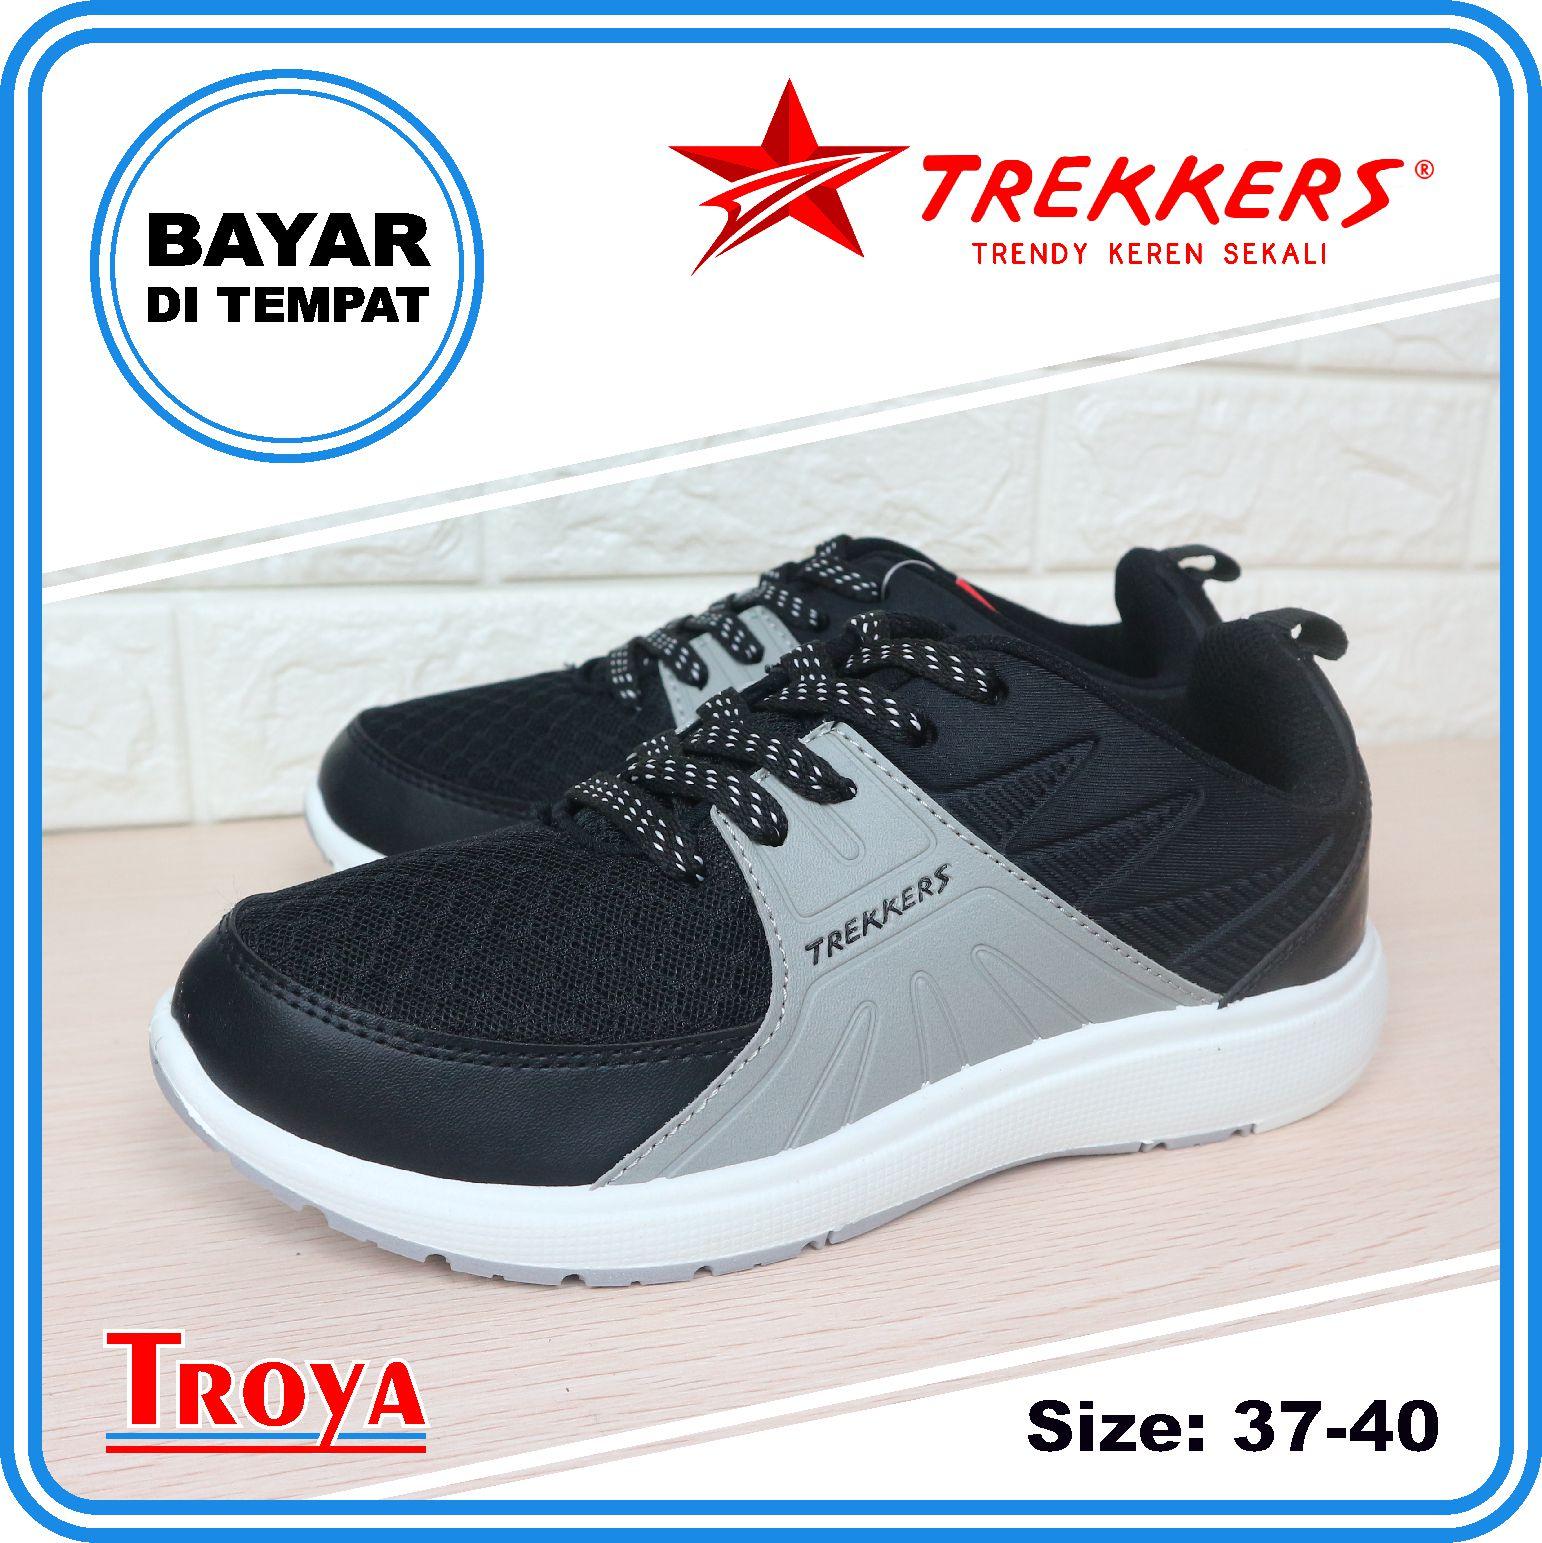 troya – trekkers sepatu lari wanita original arise hitam abu 37-40 / sneakers wanita / sepatu olahraga / sepatu fashion santai /  sepatuwanita  troyastore